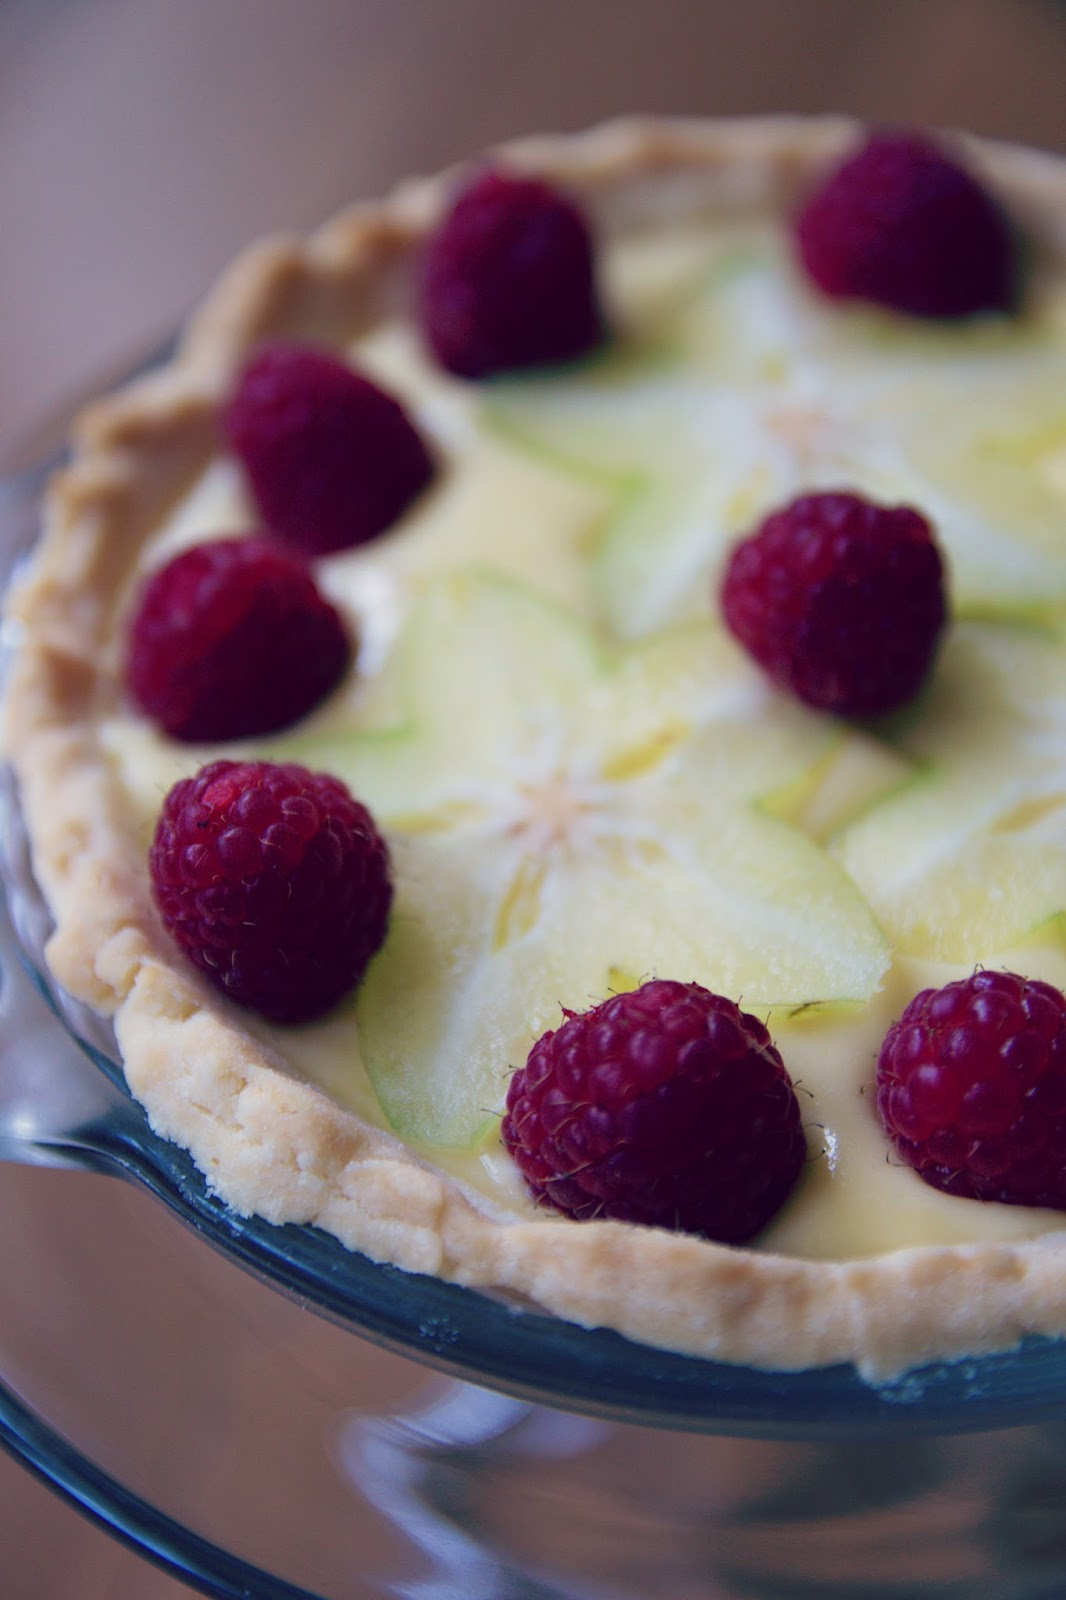 ... custard delicious dessert fruit gf gluten free no gluten pie raspberry